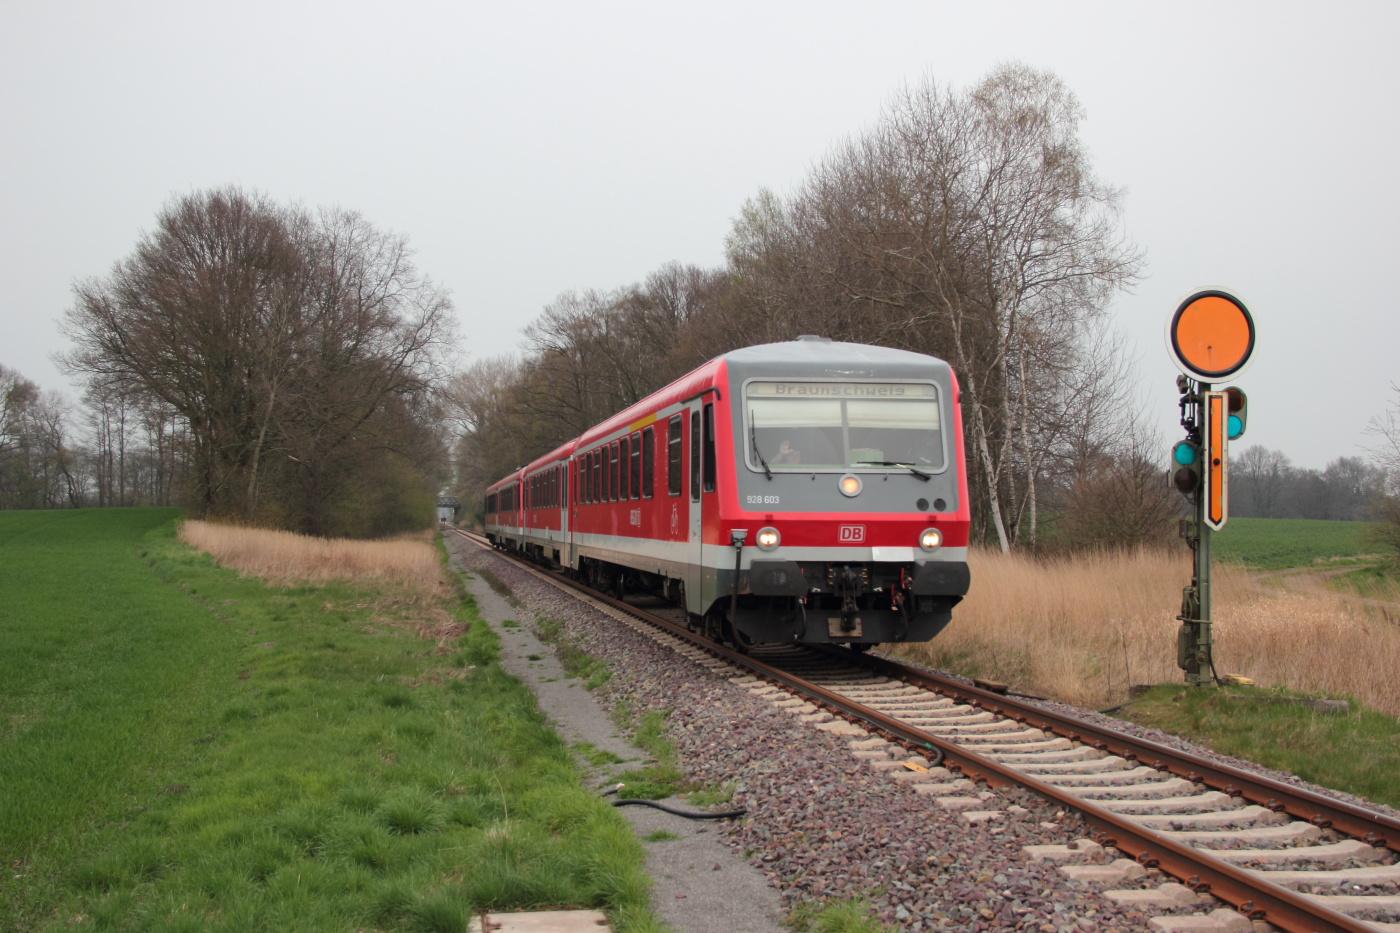 http://www.nachtbahner.de/Fotos/2014-04-05%20M%c3%bchlenbahn/k-IMG_2625%20KBS%20115%20M%c3%bchlenbahn%2005.04.14%20(10).JPG